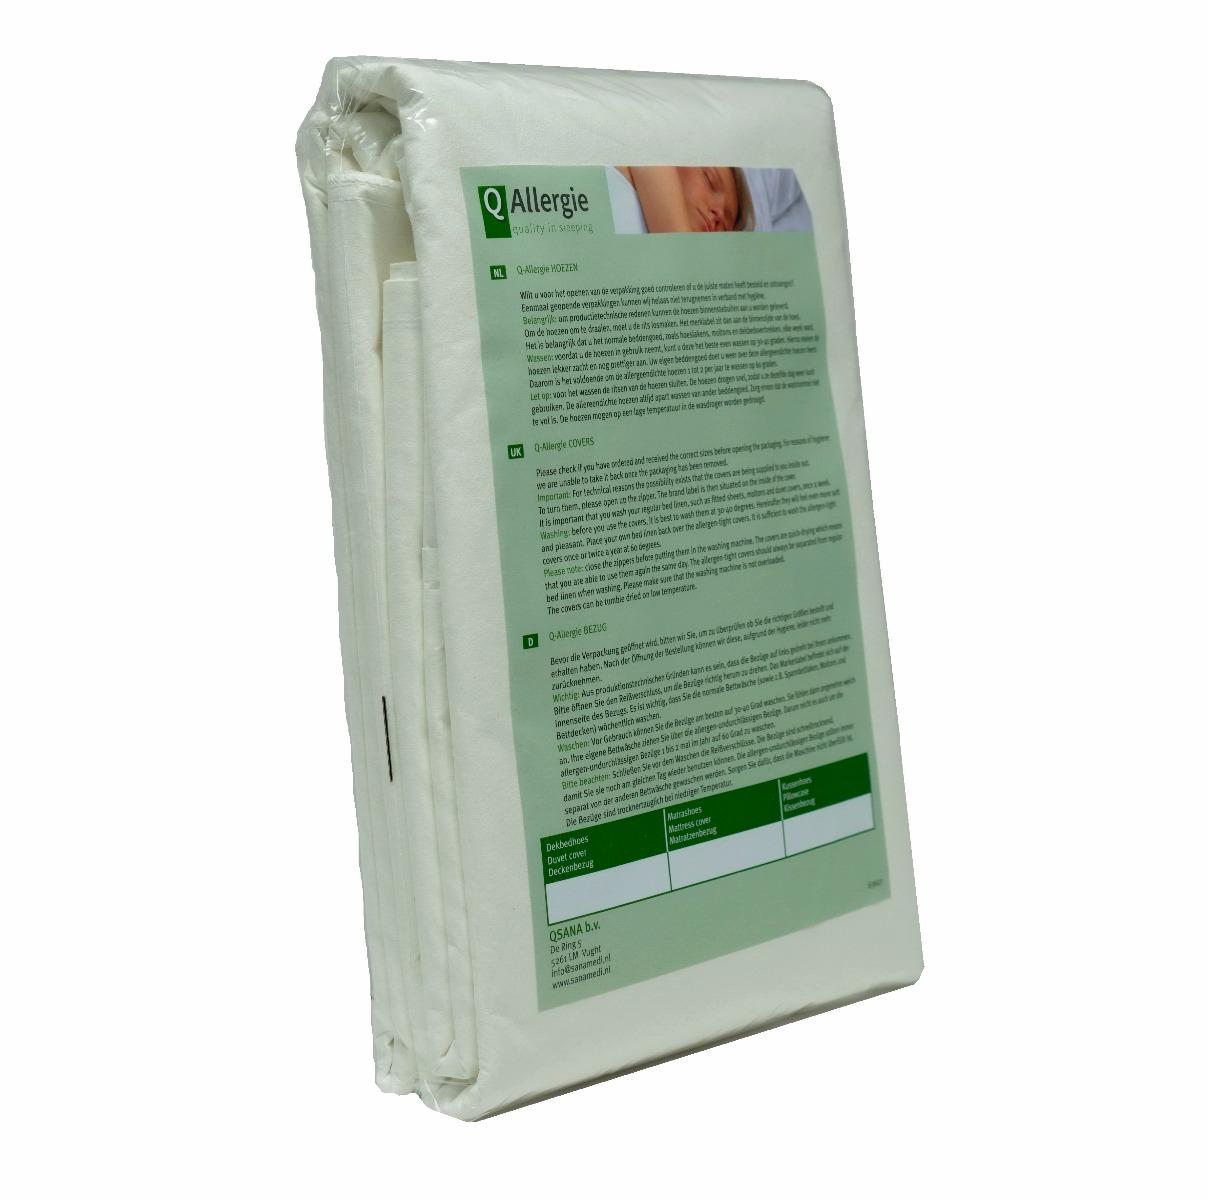 Dekbedhoes Q-Allergie 1-Persoons 140 x 220 cm   Anti allergie dekbedhoes